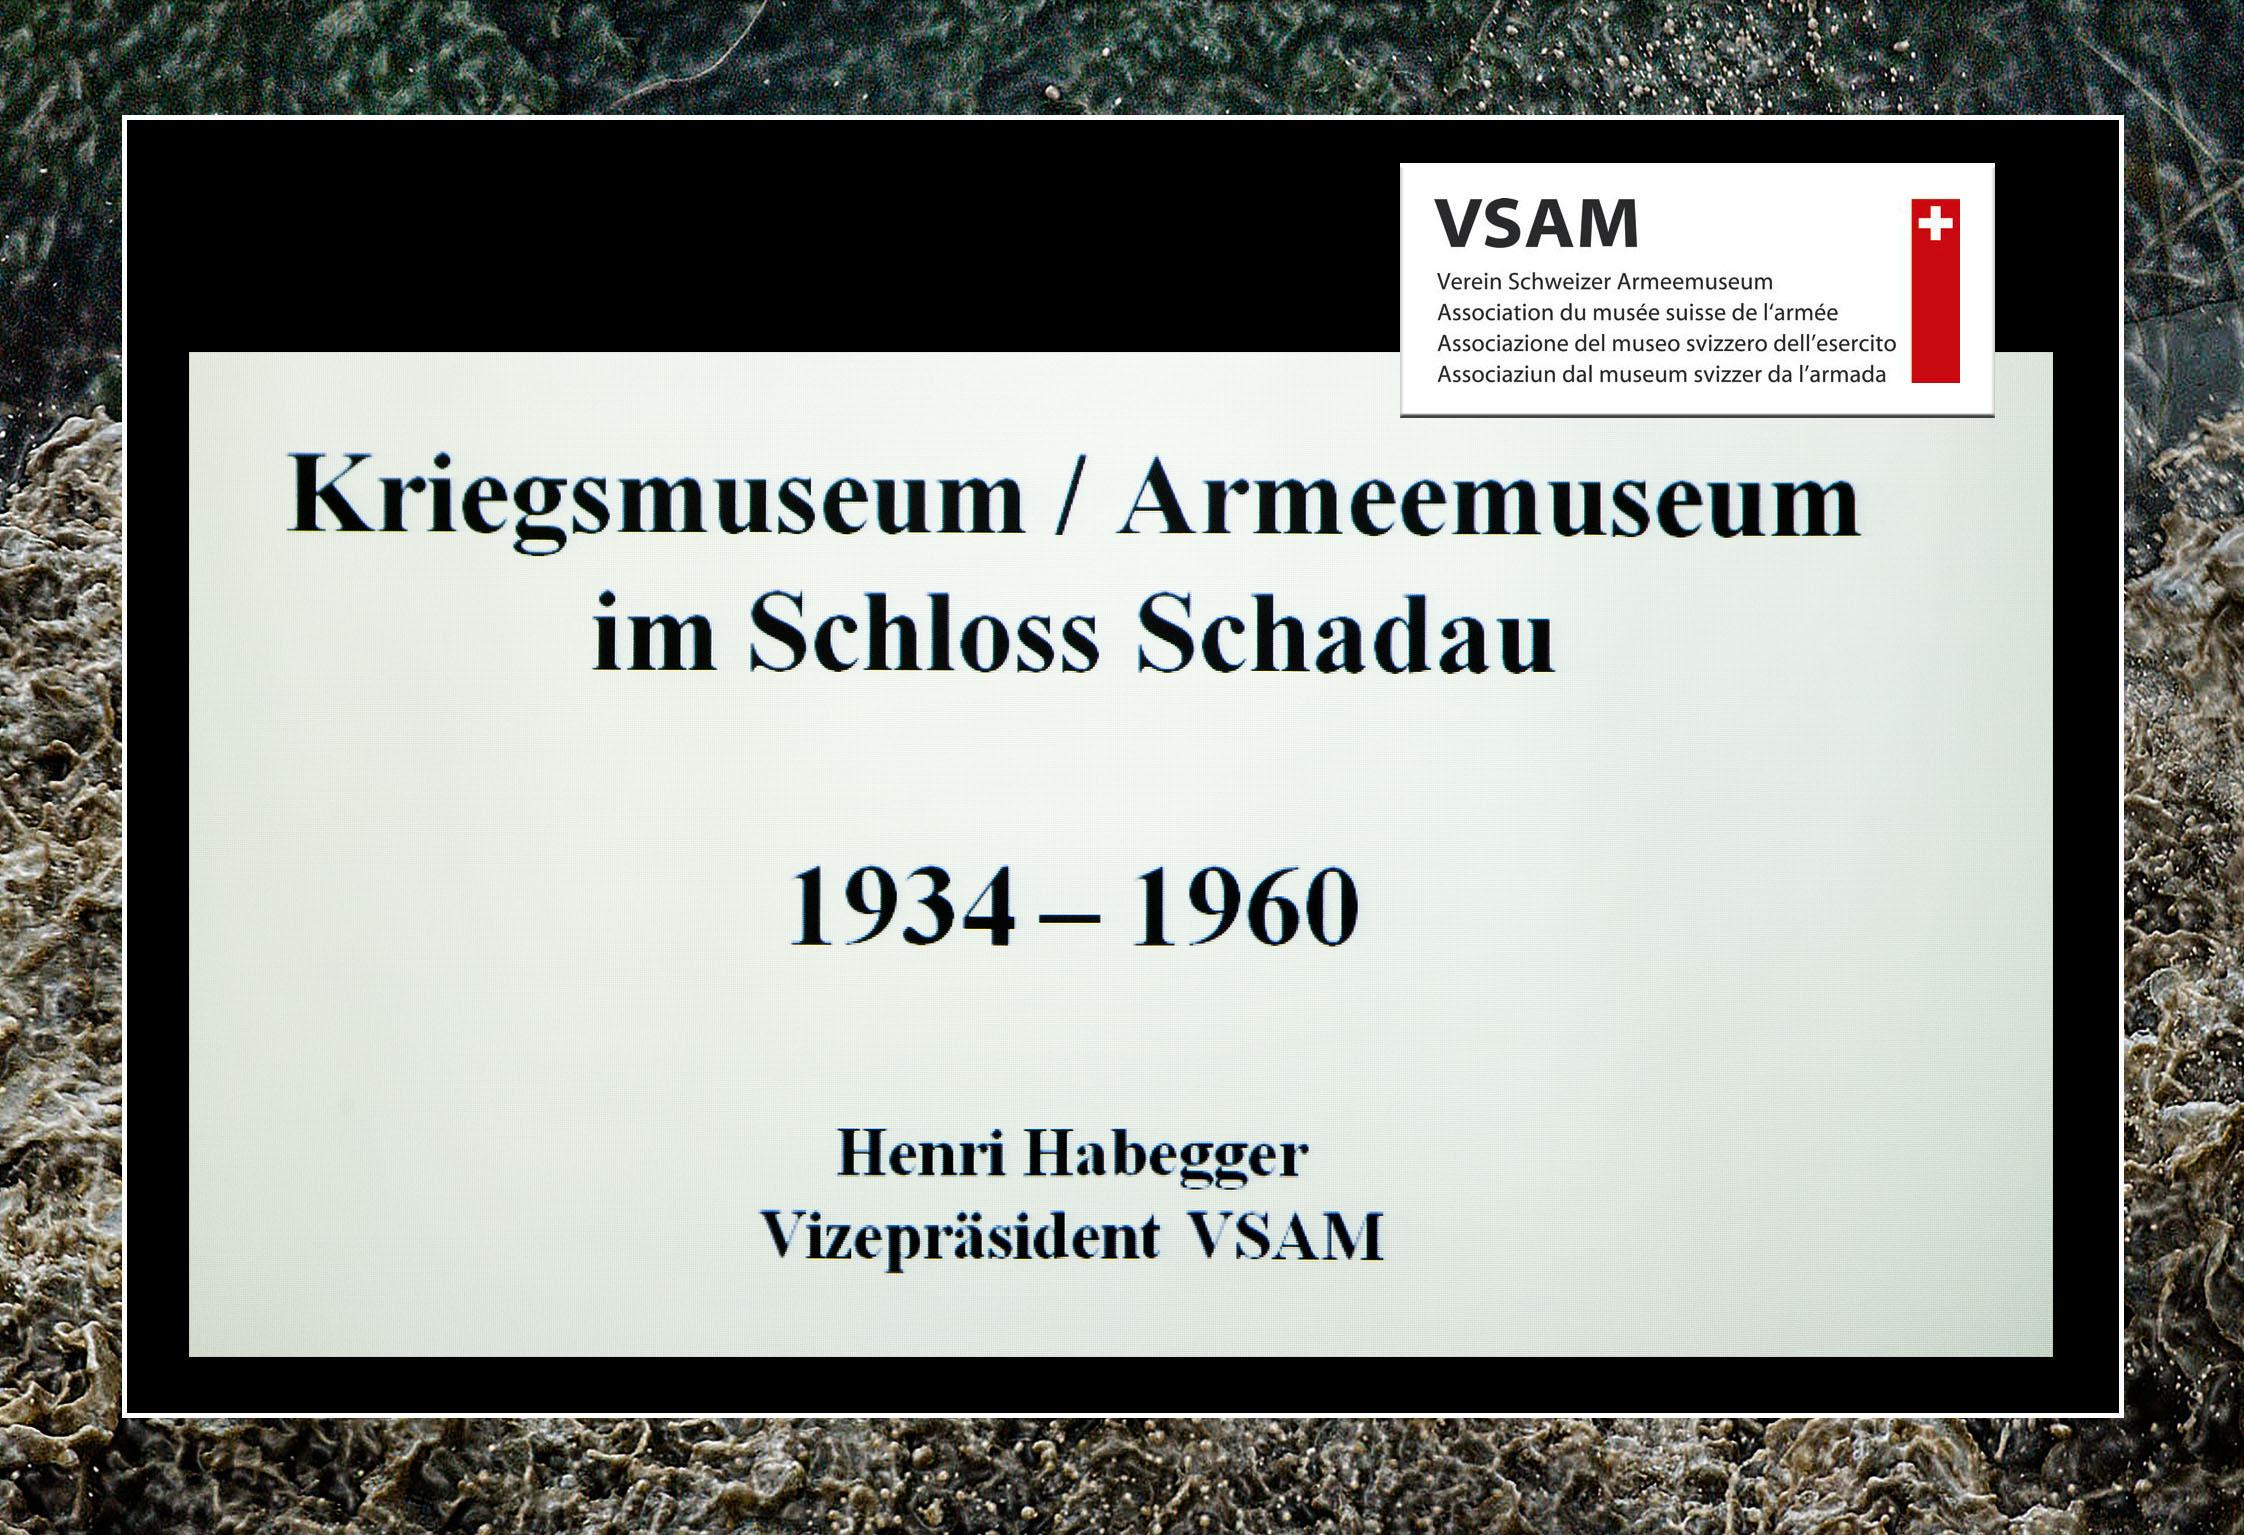 VSAM Vortrag 23.05.2018 Geschichte des Schlosses Schadau in Thun